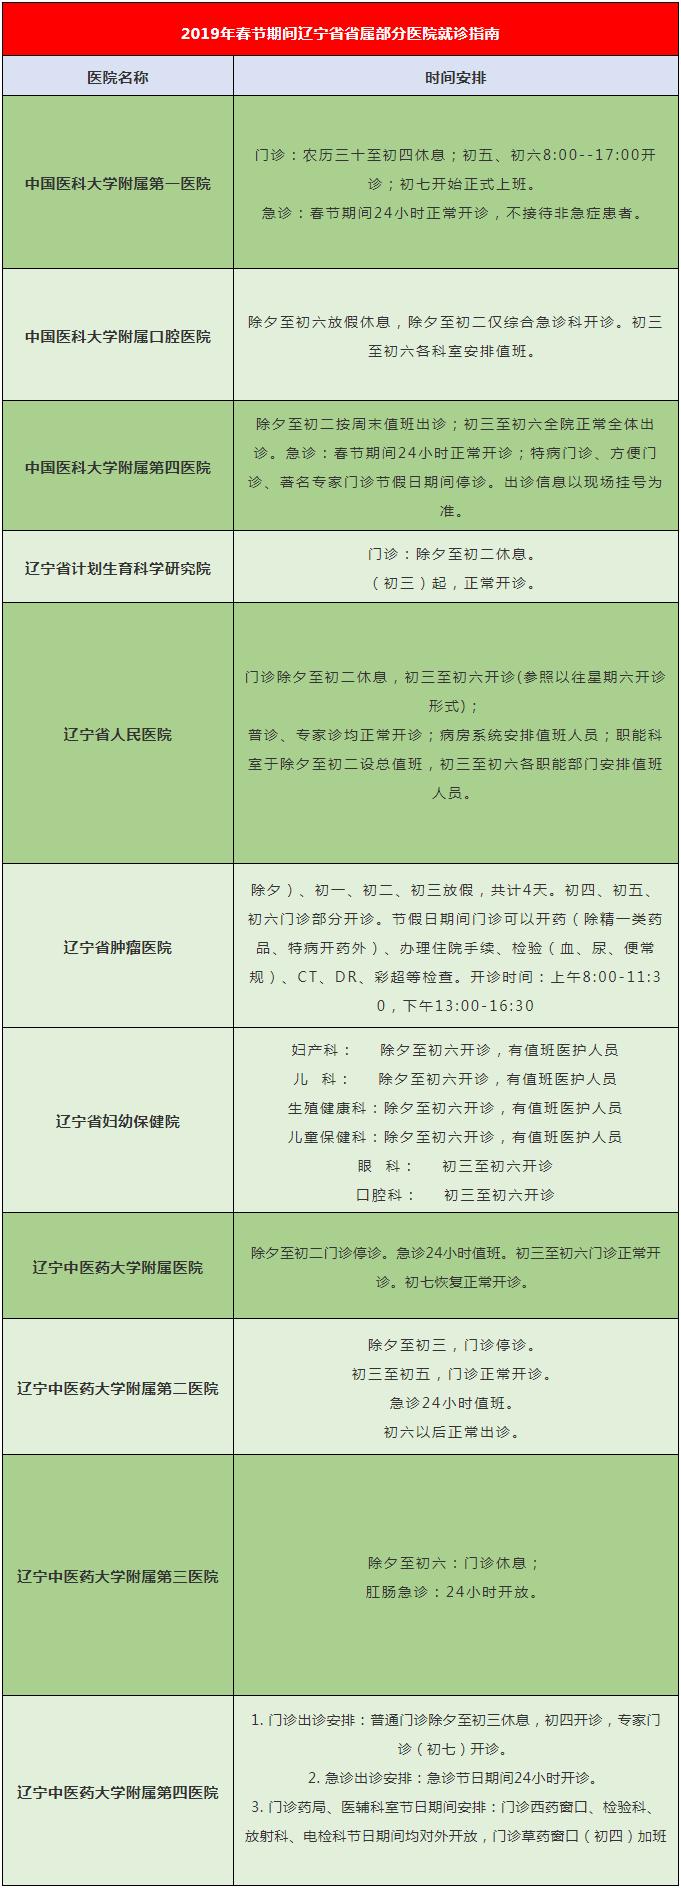 2019春节期间辽宁省省属部分医院出诊时间安排